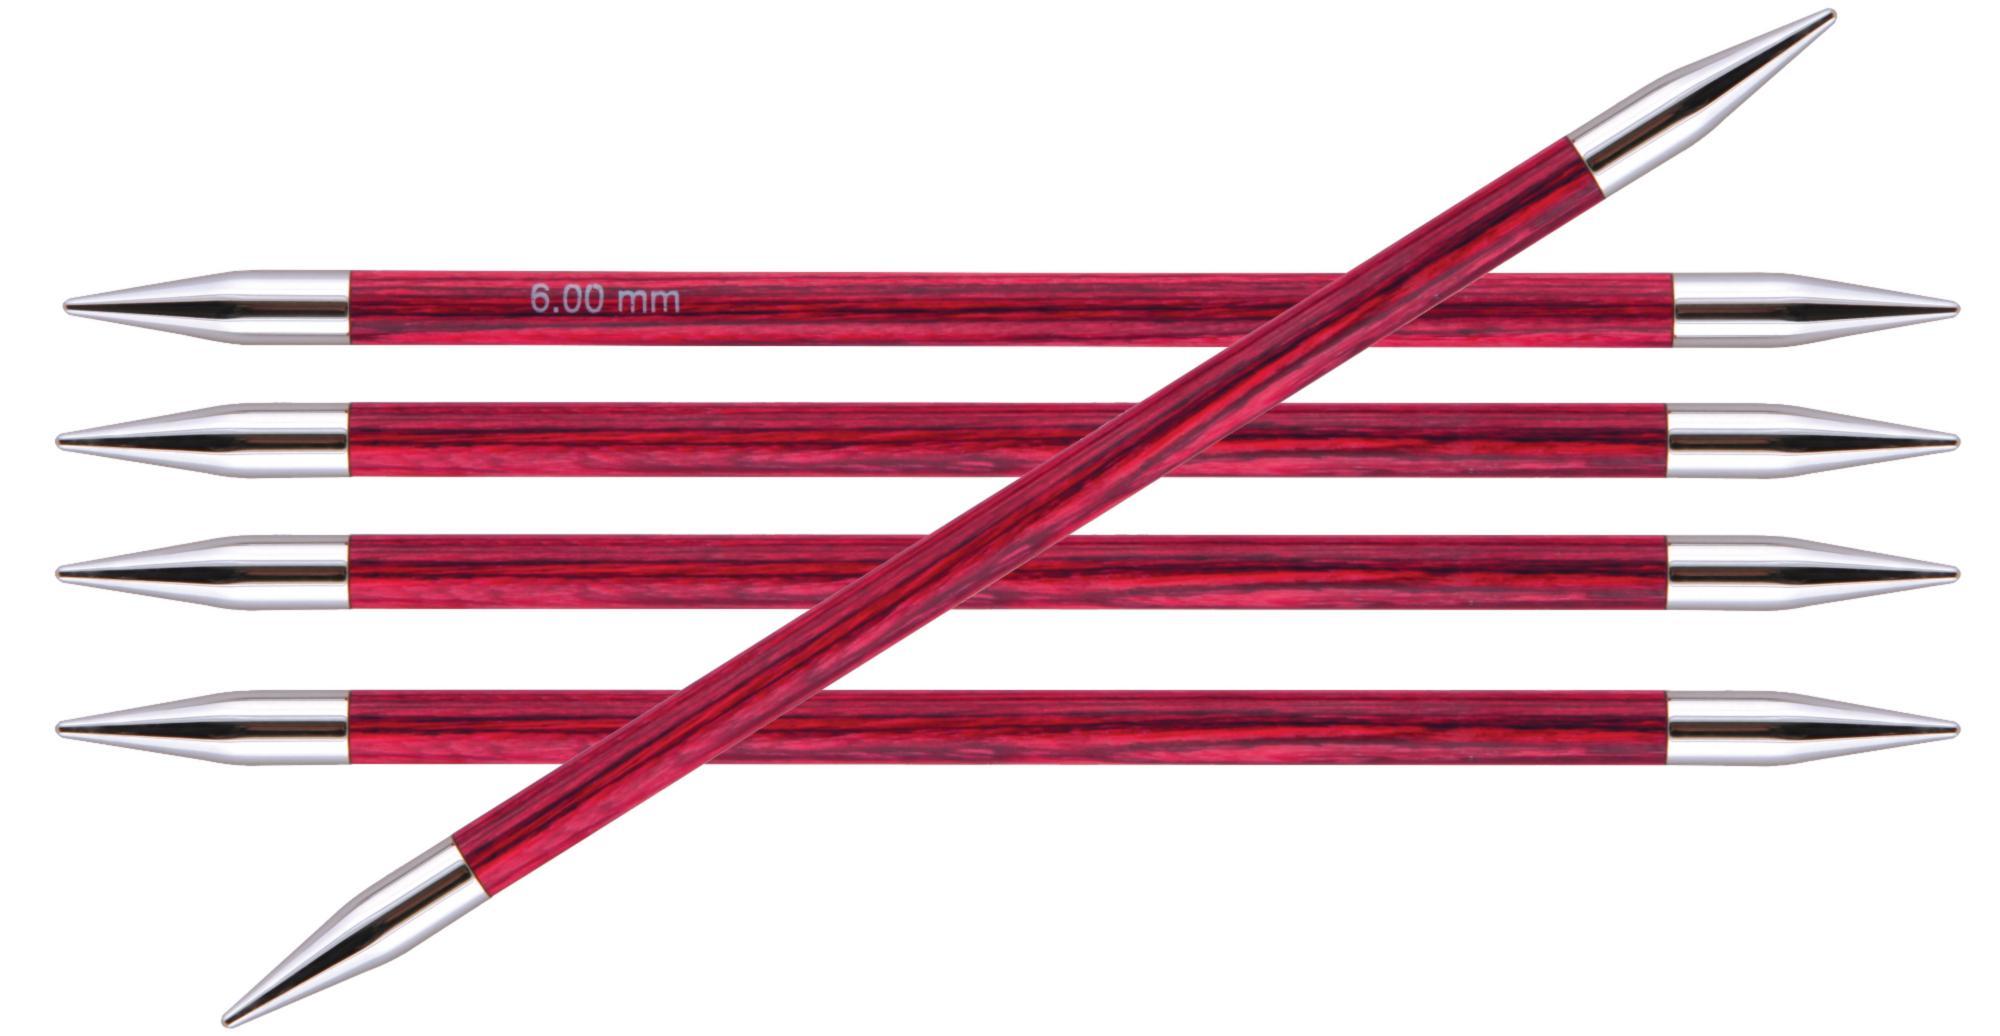 Спицы носочные 15 см Royale KnitPro, 29013, 6.00 мм